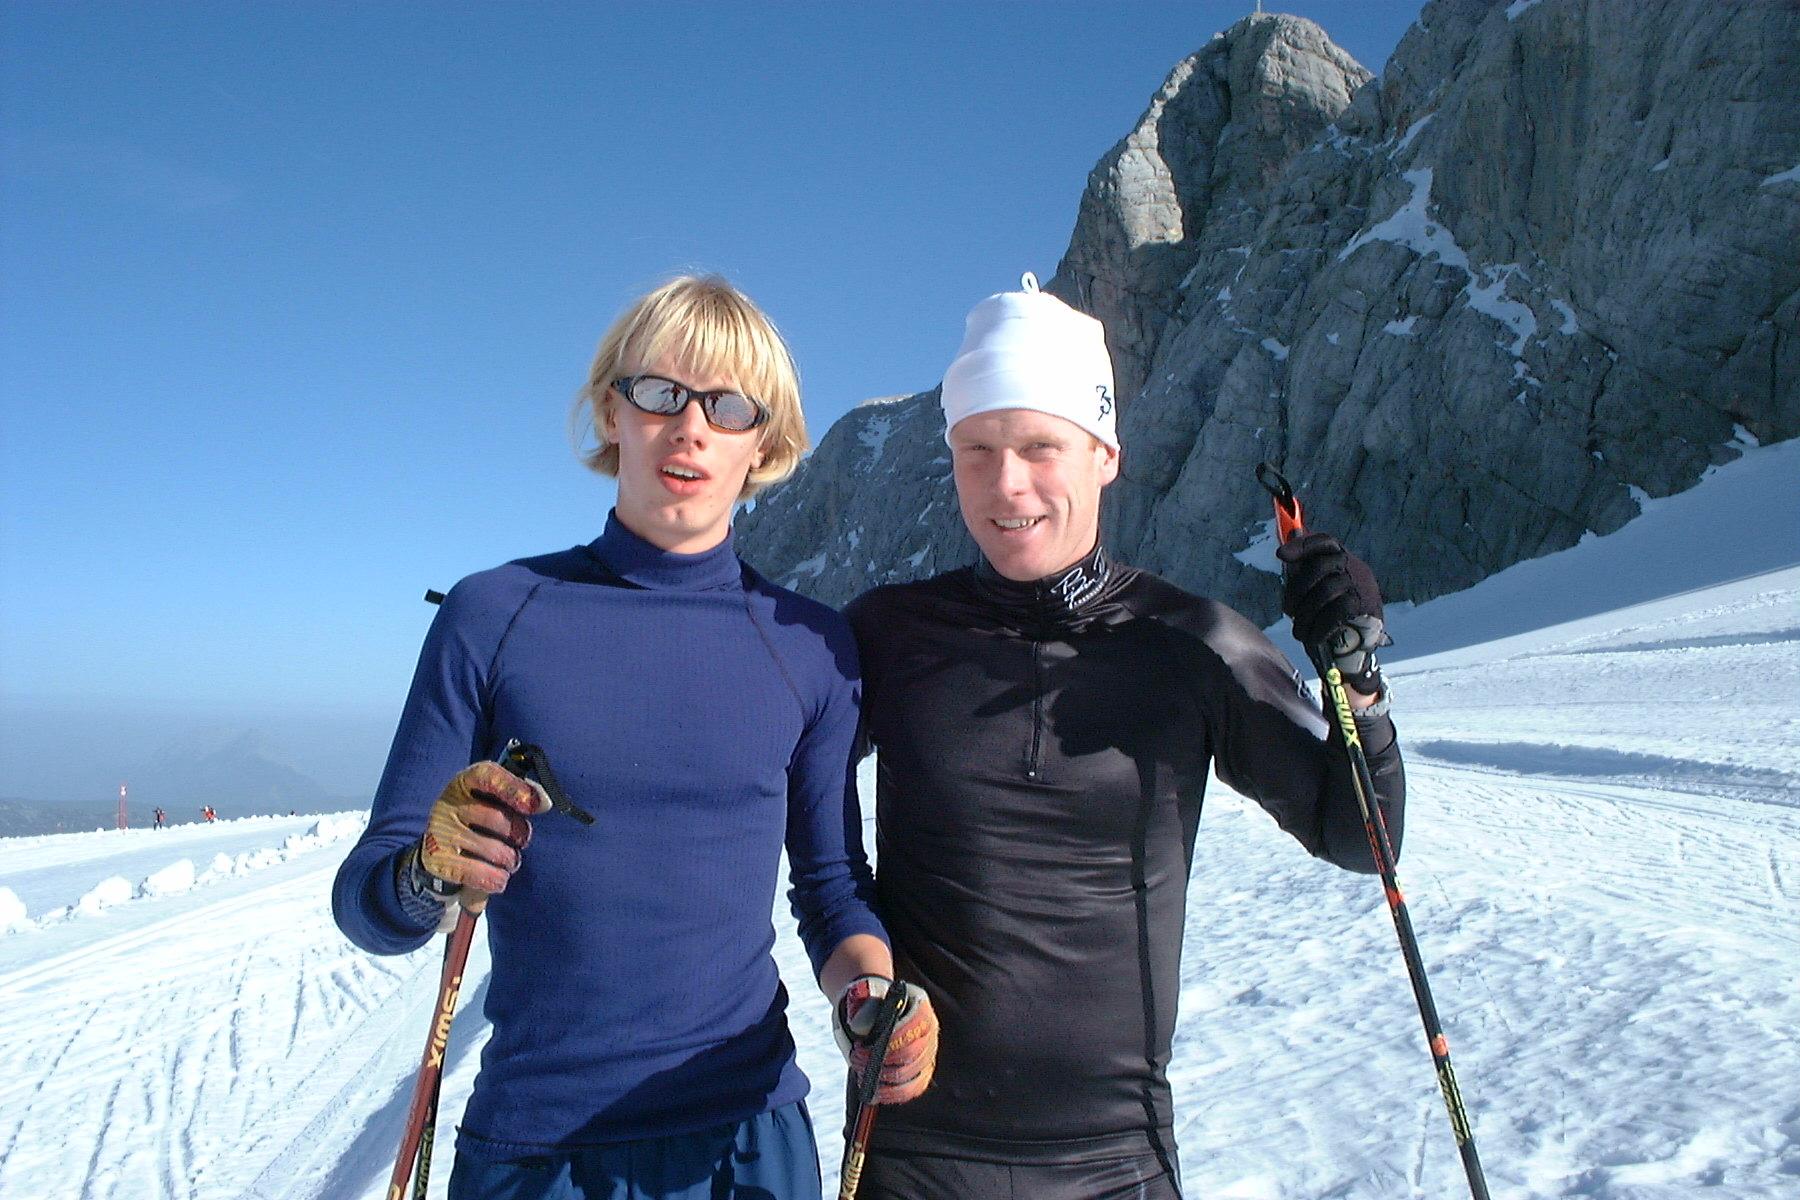 Bjorn daehlie dry señora función bajo desenfunda pantalones lavado de función a campo traviesa ski caliente